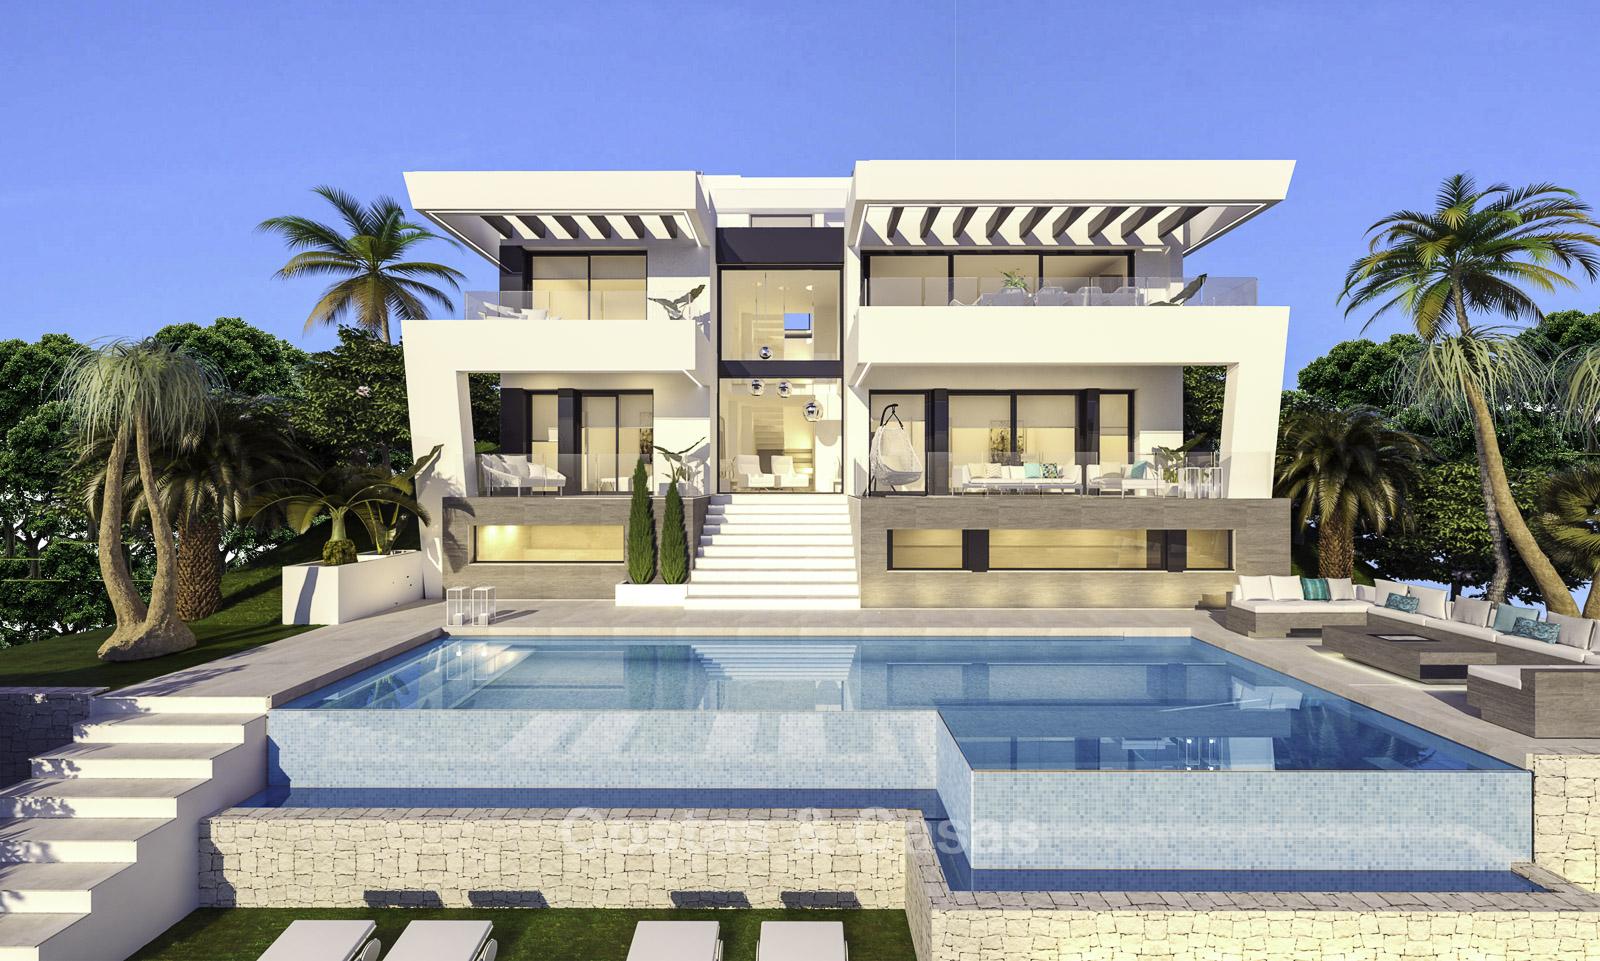 Ravissante villa de luxe moderne sur un terrain de golf à vendre Mijas